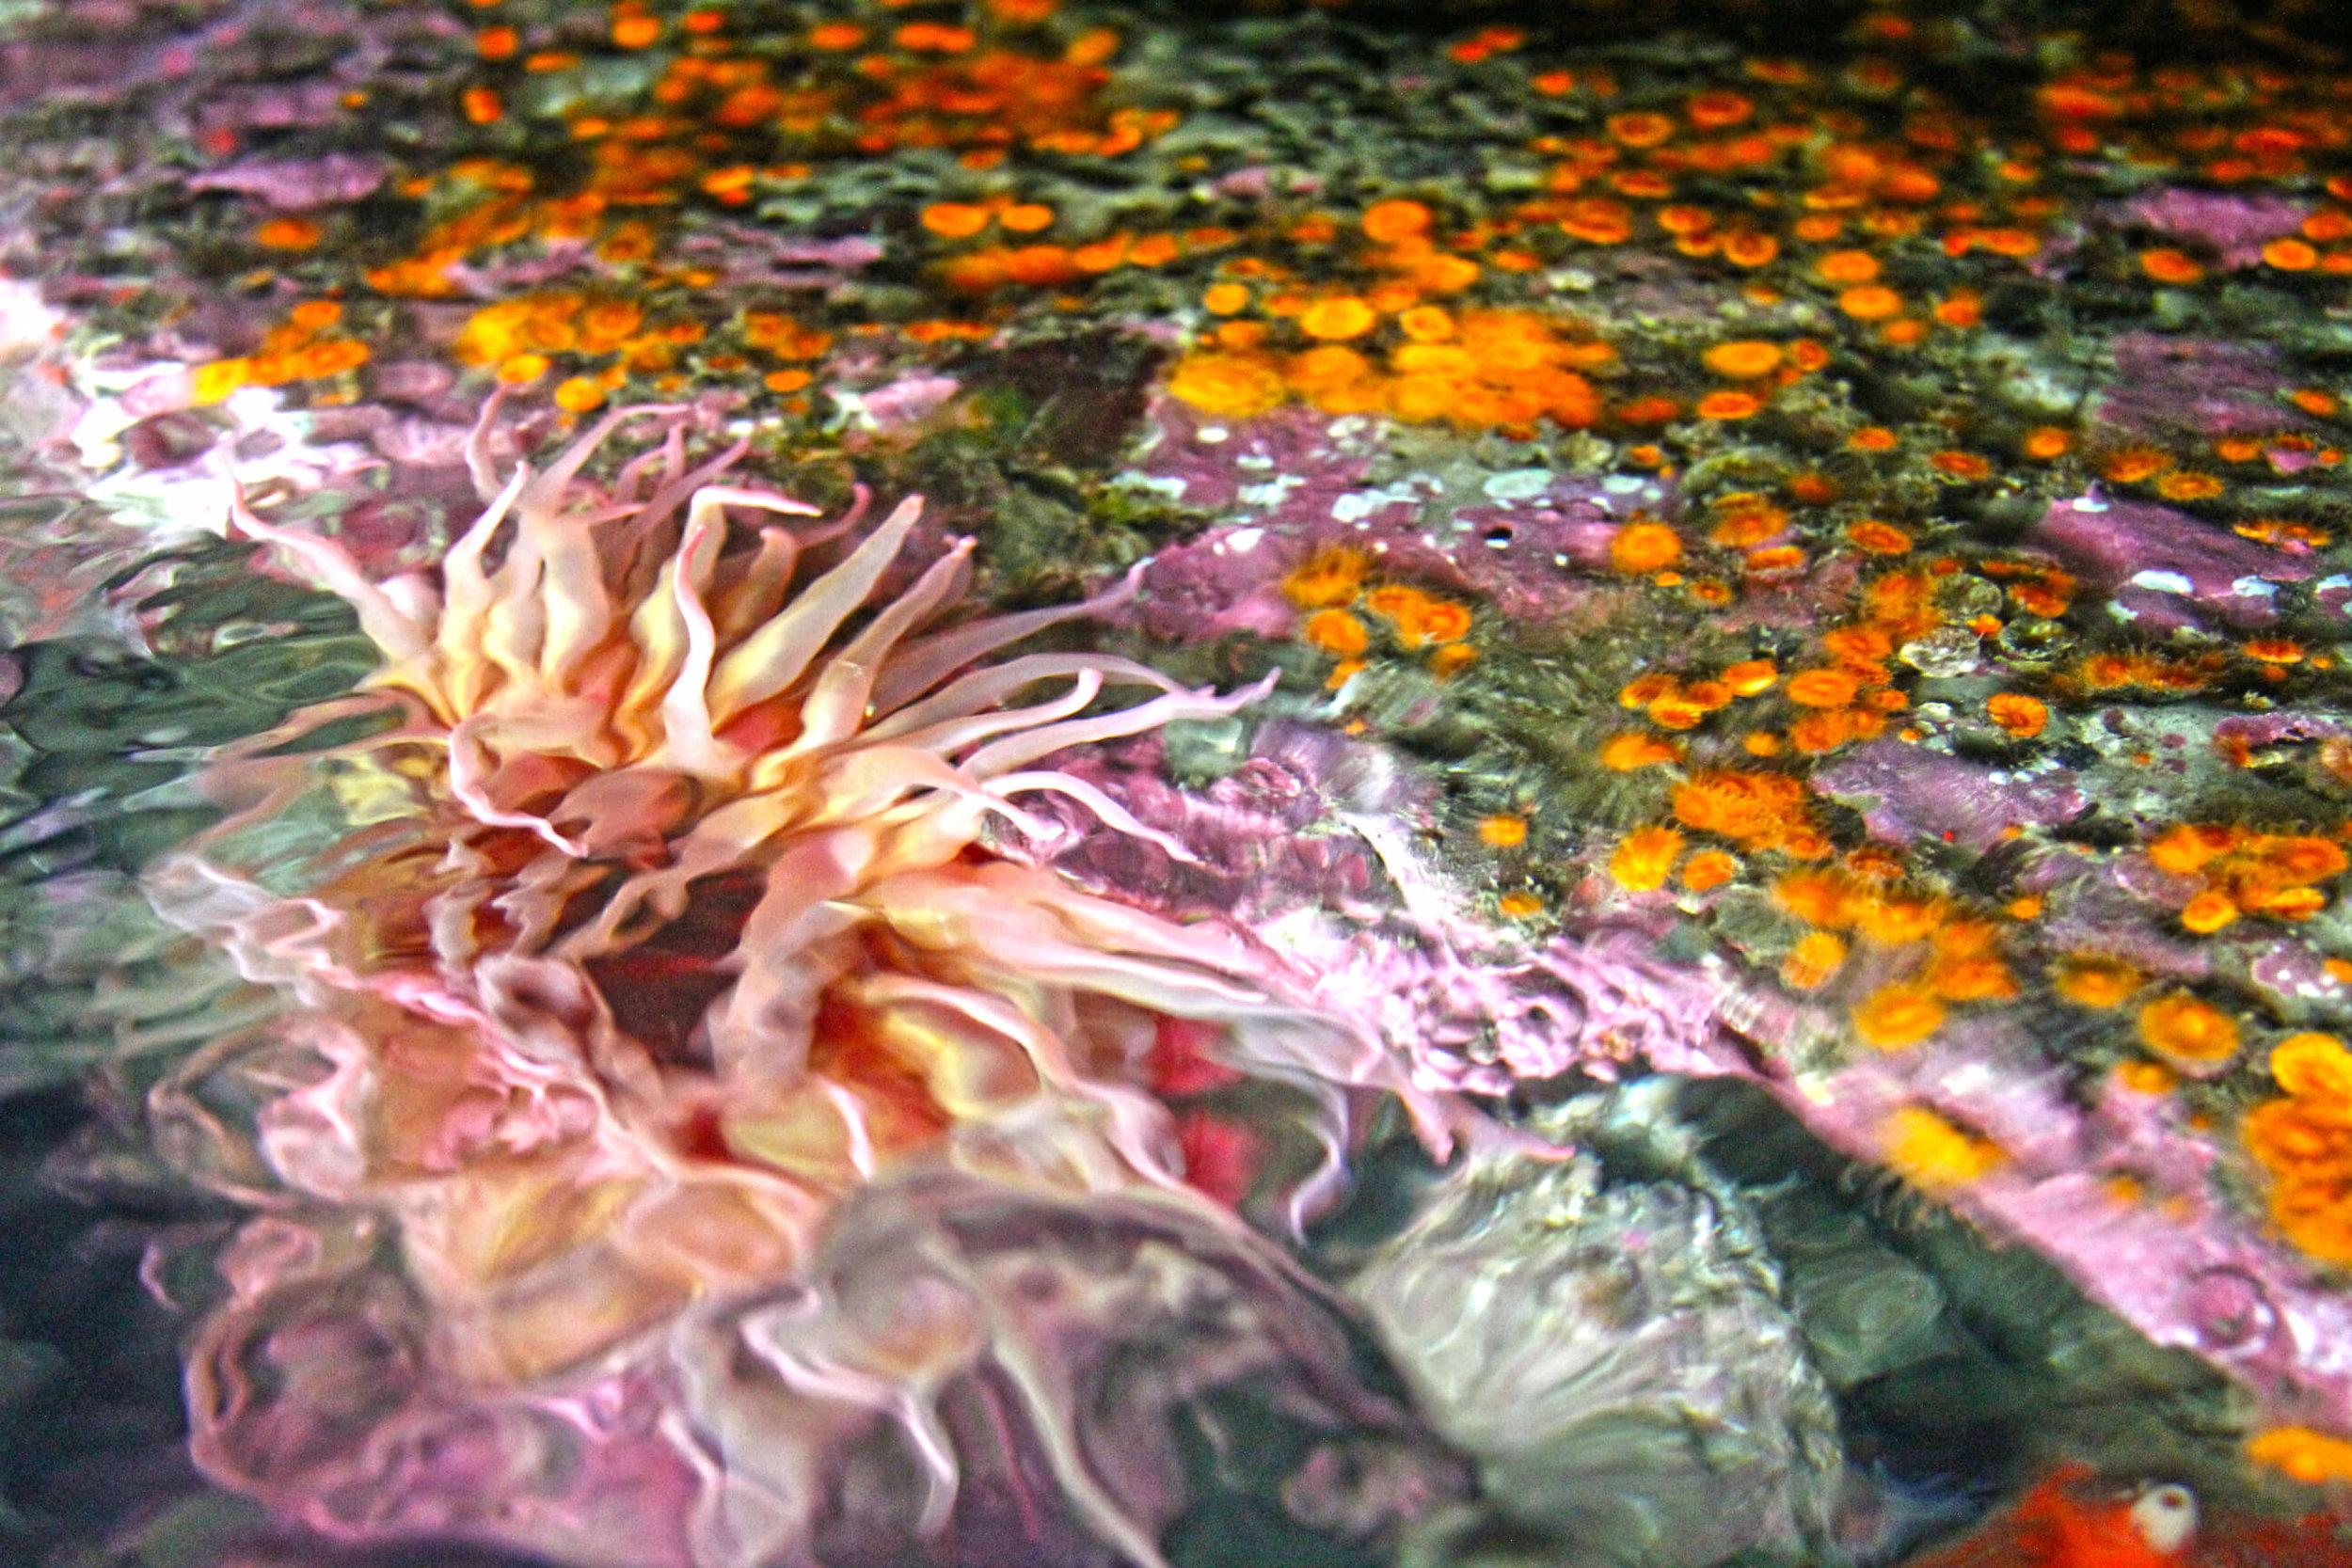 Aquarium_016.jpg